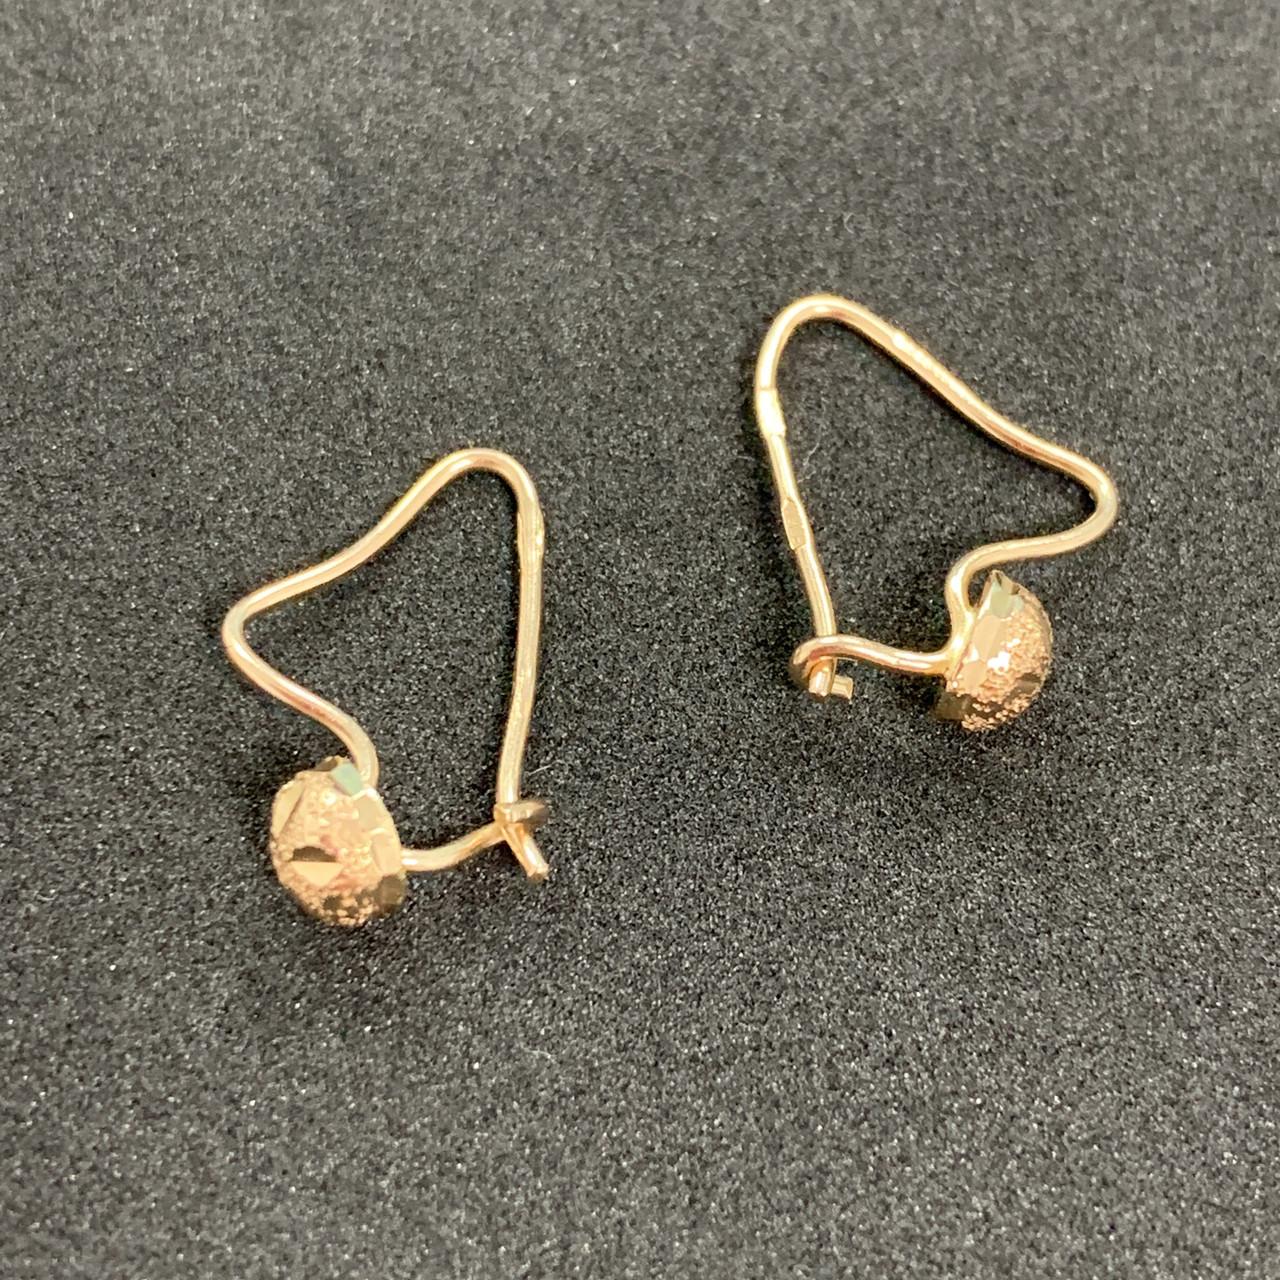 Золотые серьги Б/У 585 пробы, вес 0,93